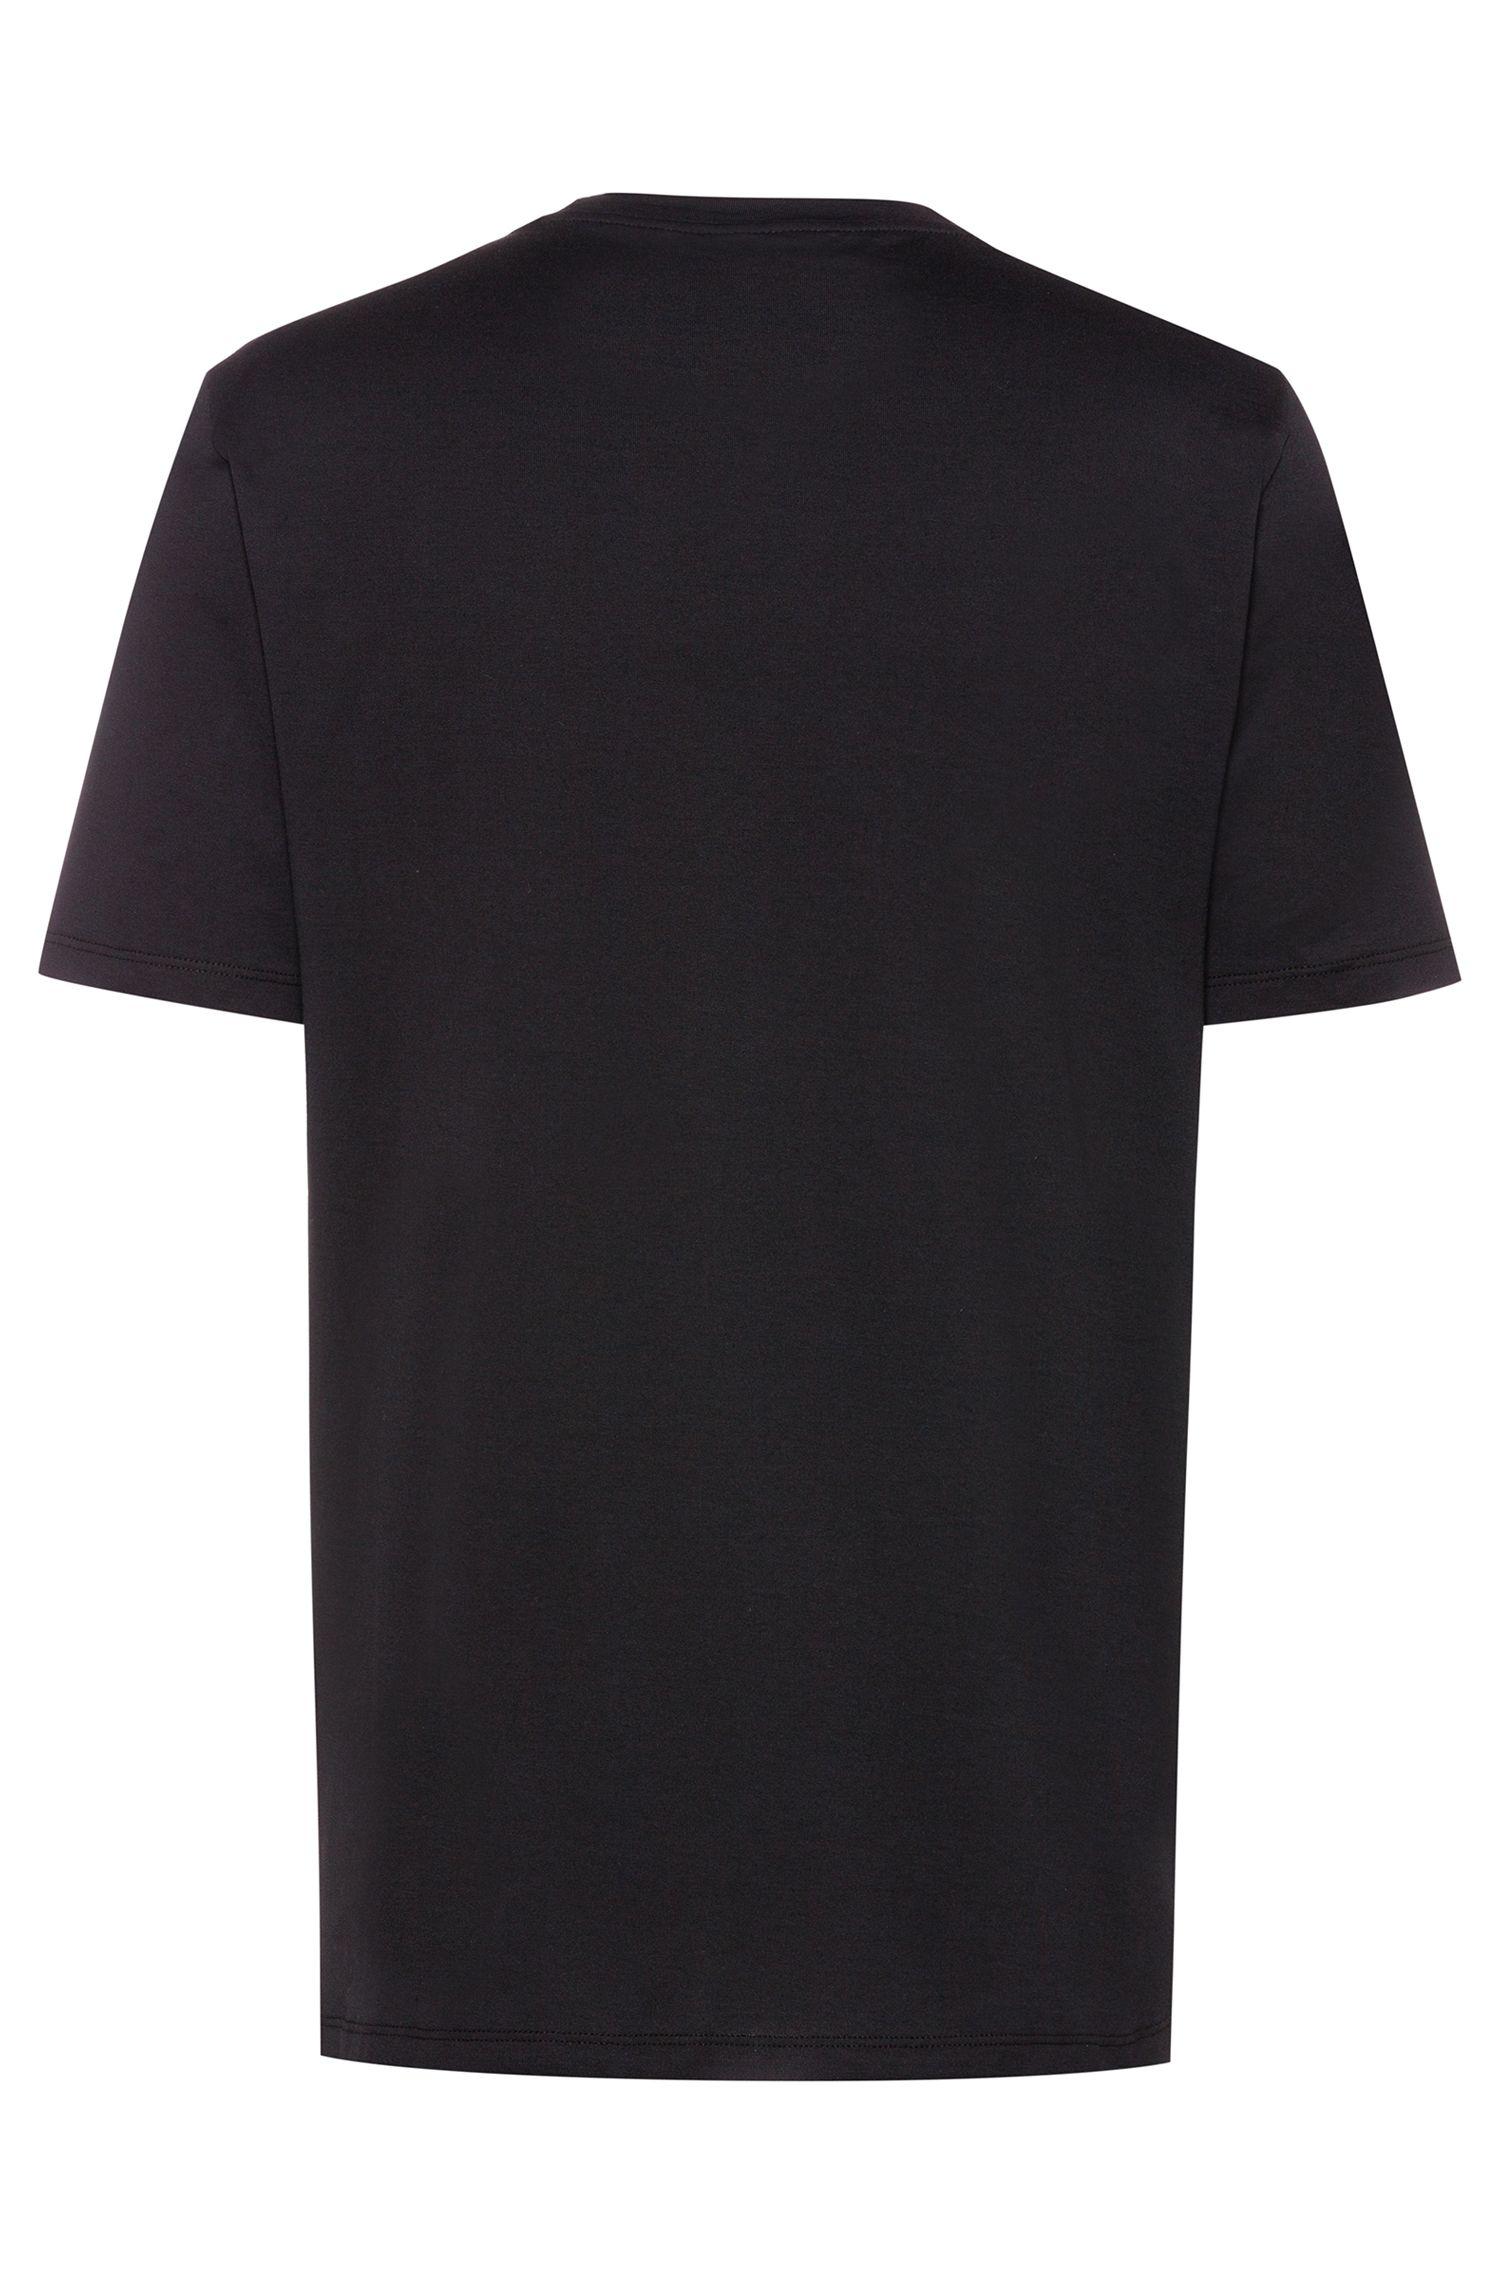 T-Shirt aus Baumwolle mit Techno-Print, Schwarz